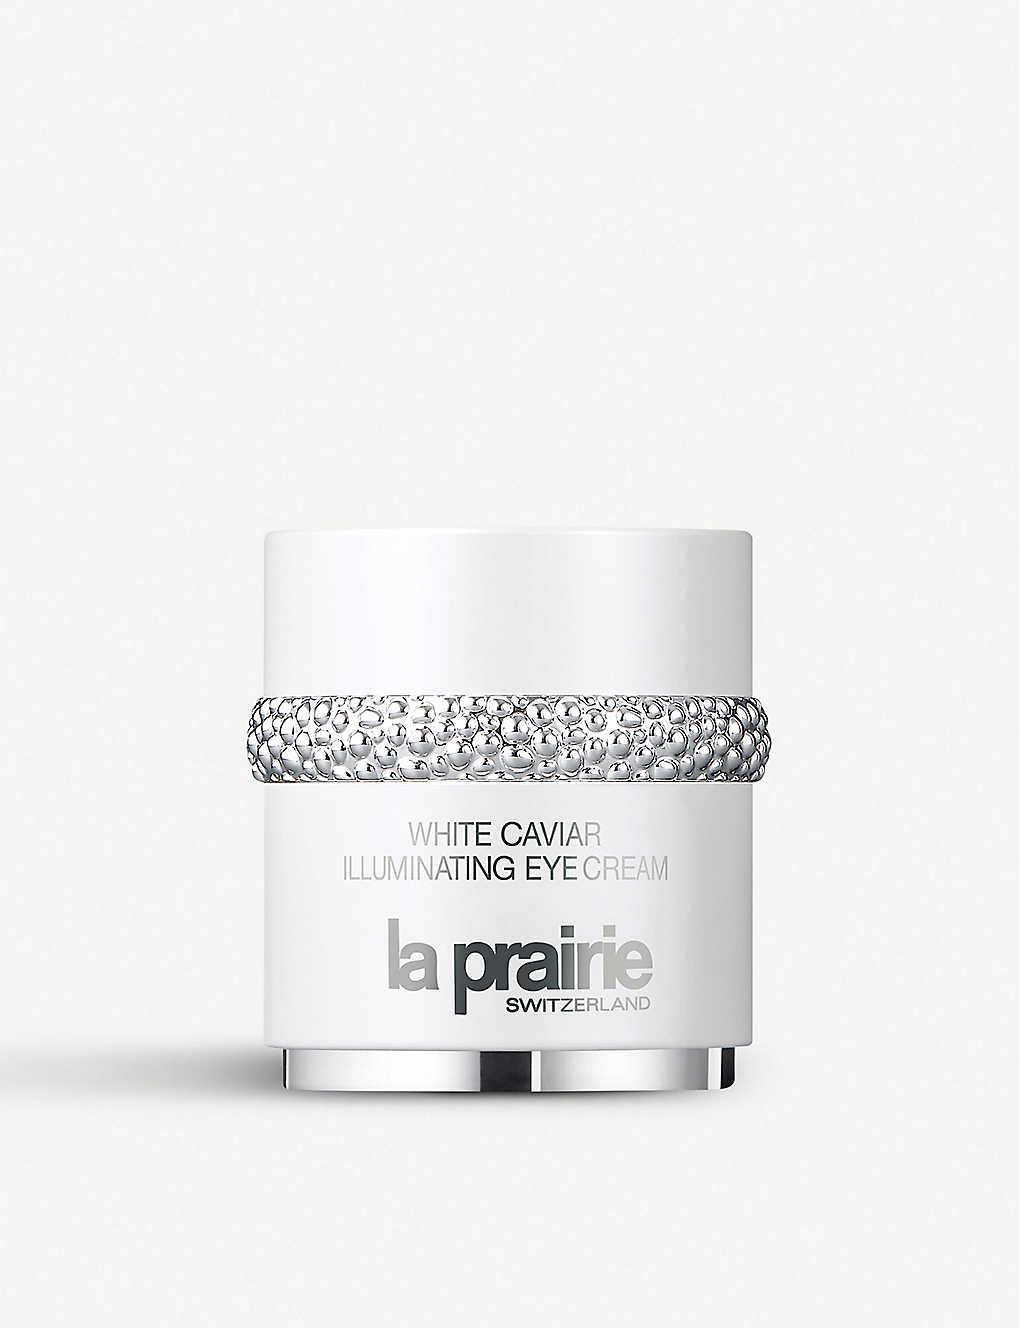 related product products/images/LaPrairie-WhiteCaviarIlluminatingEyeCream.com/is/image/selfridges/461-3002566-957900110955_M